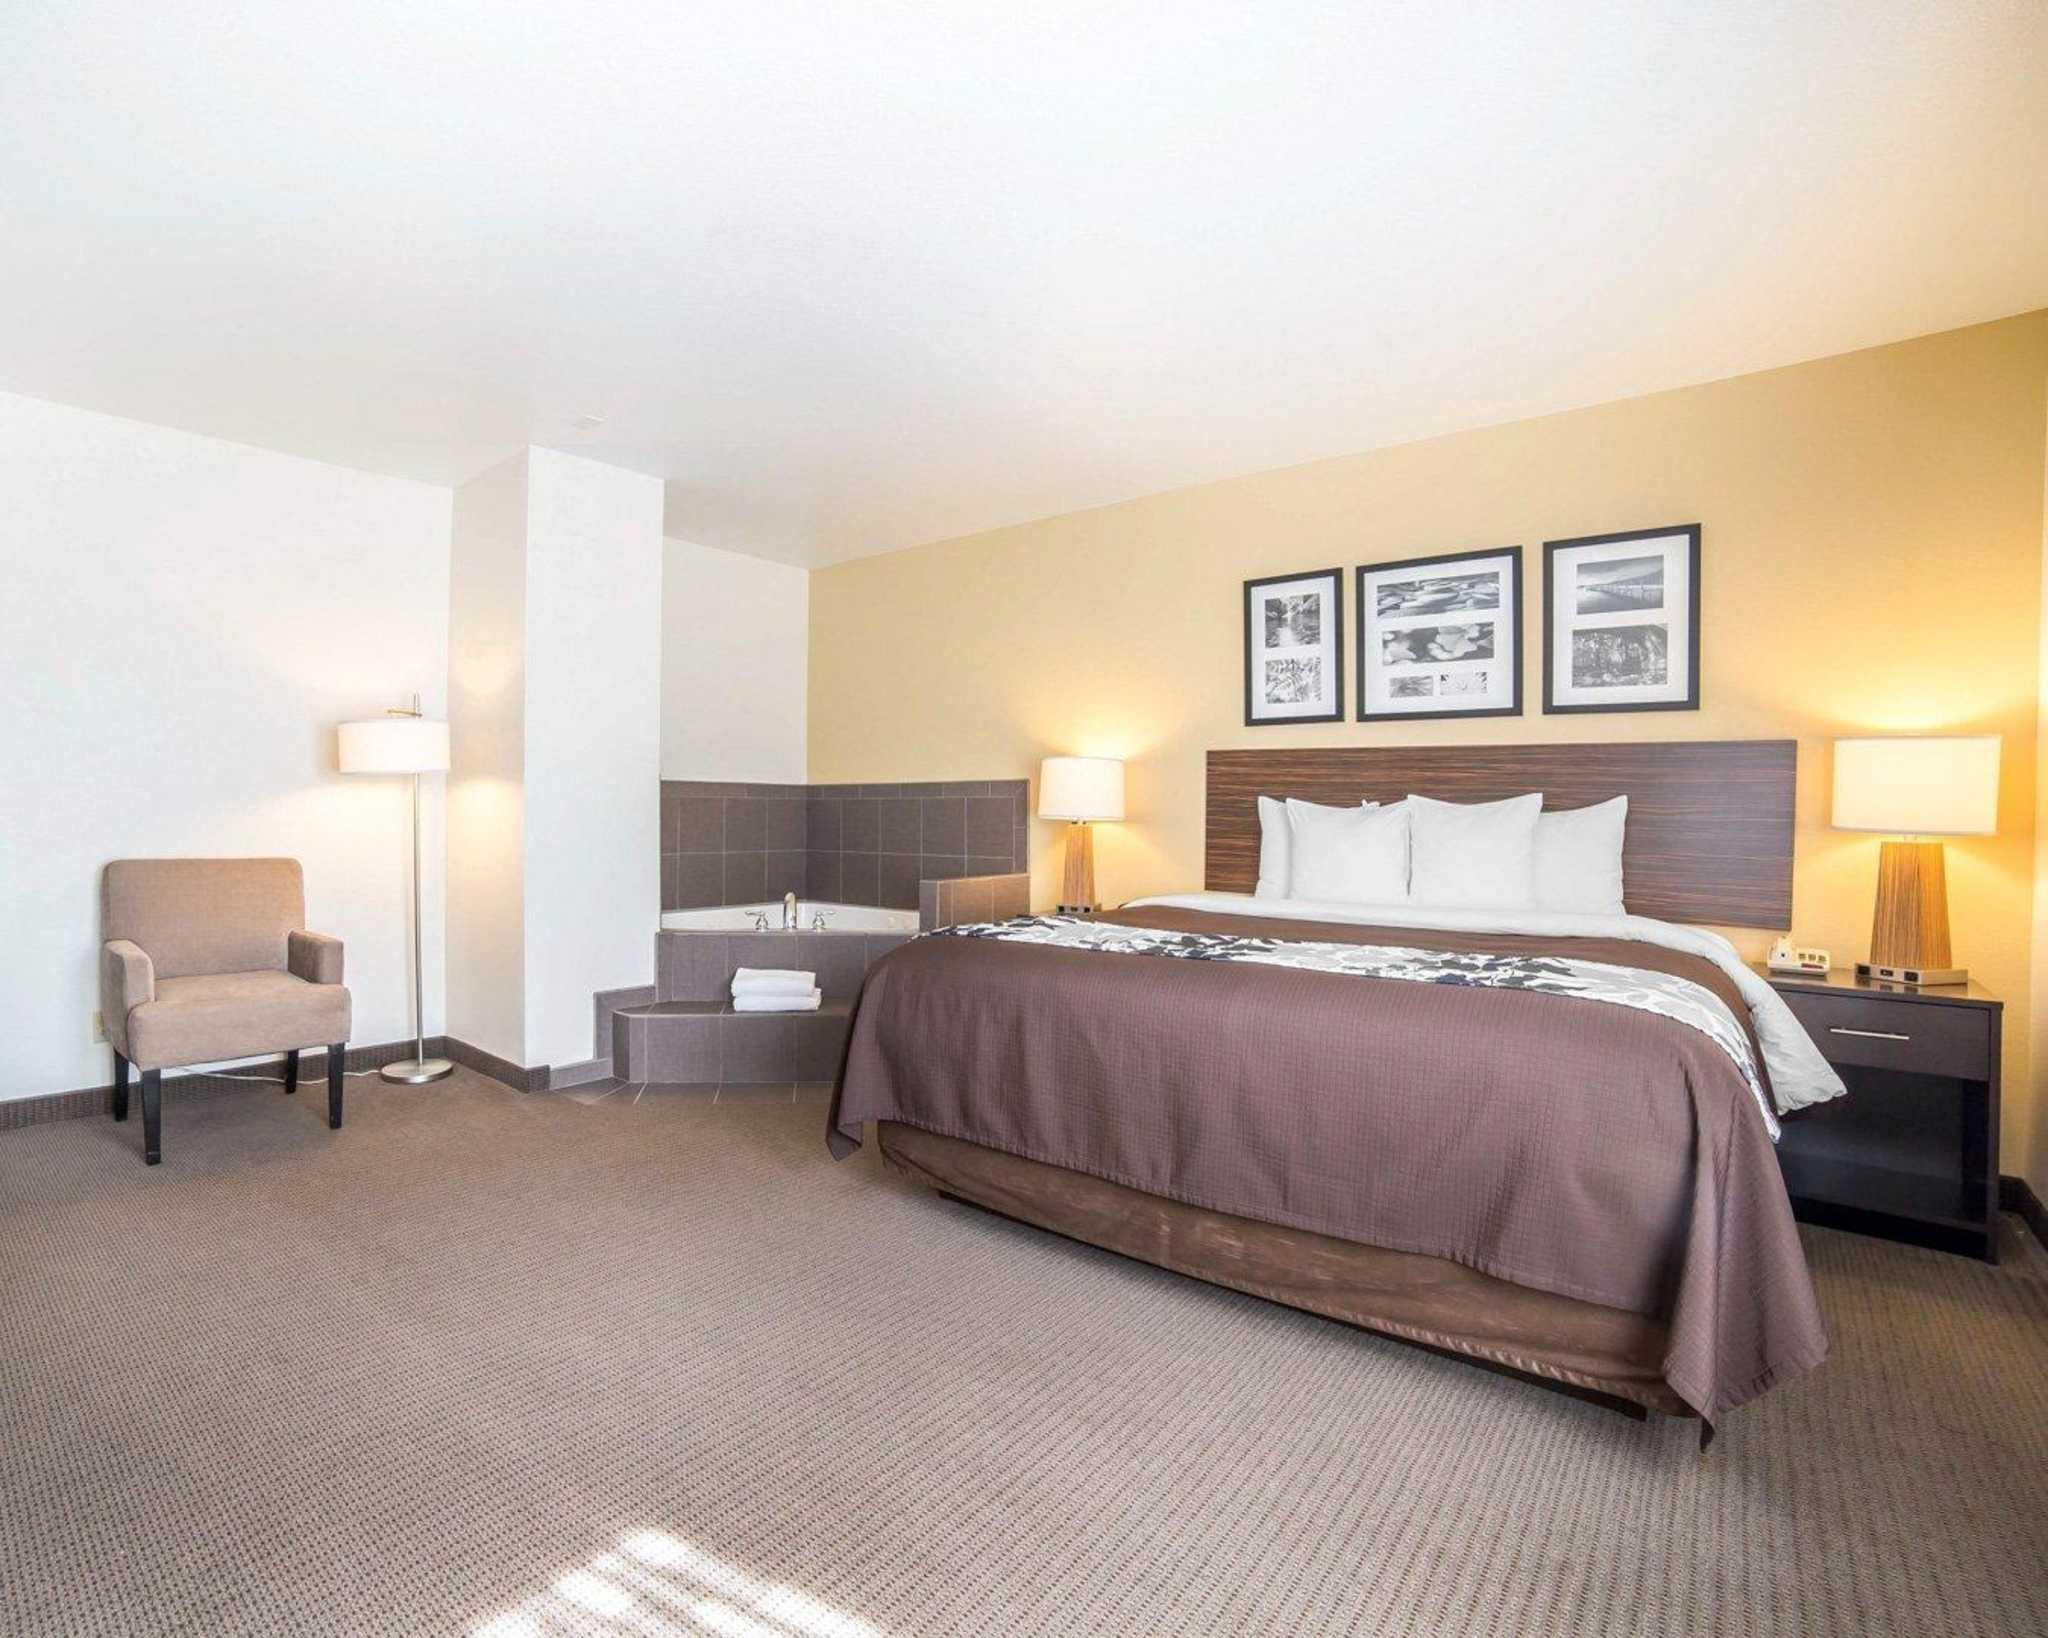 Sleep Inn & Suites image 38